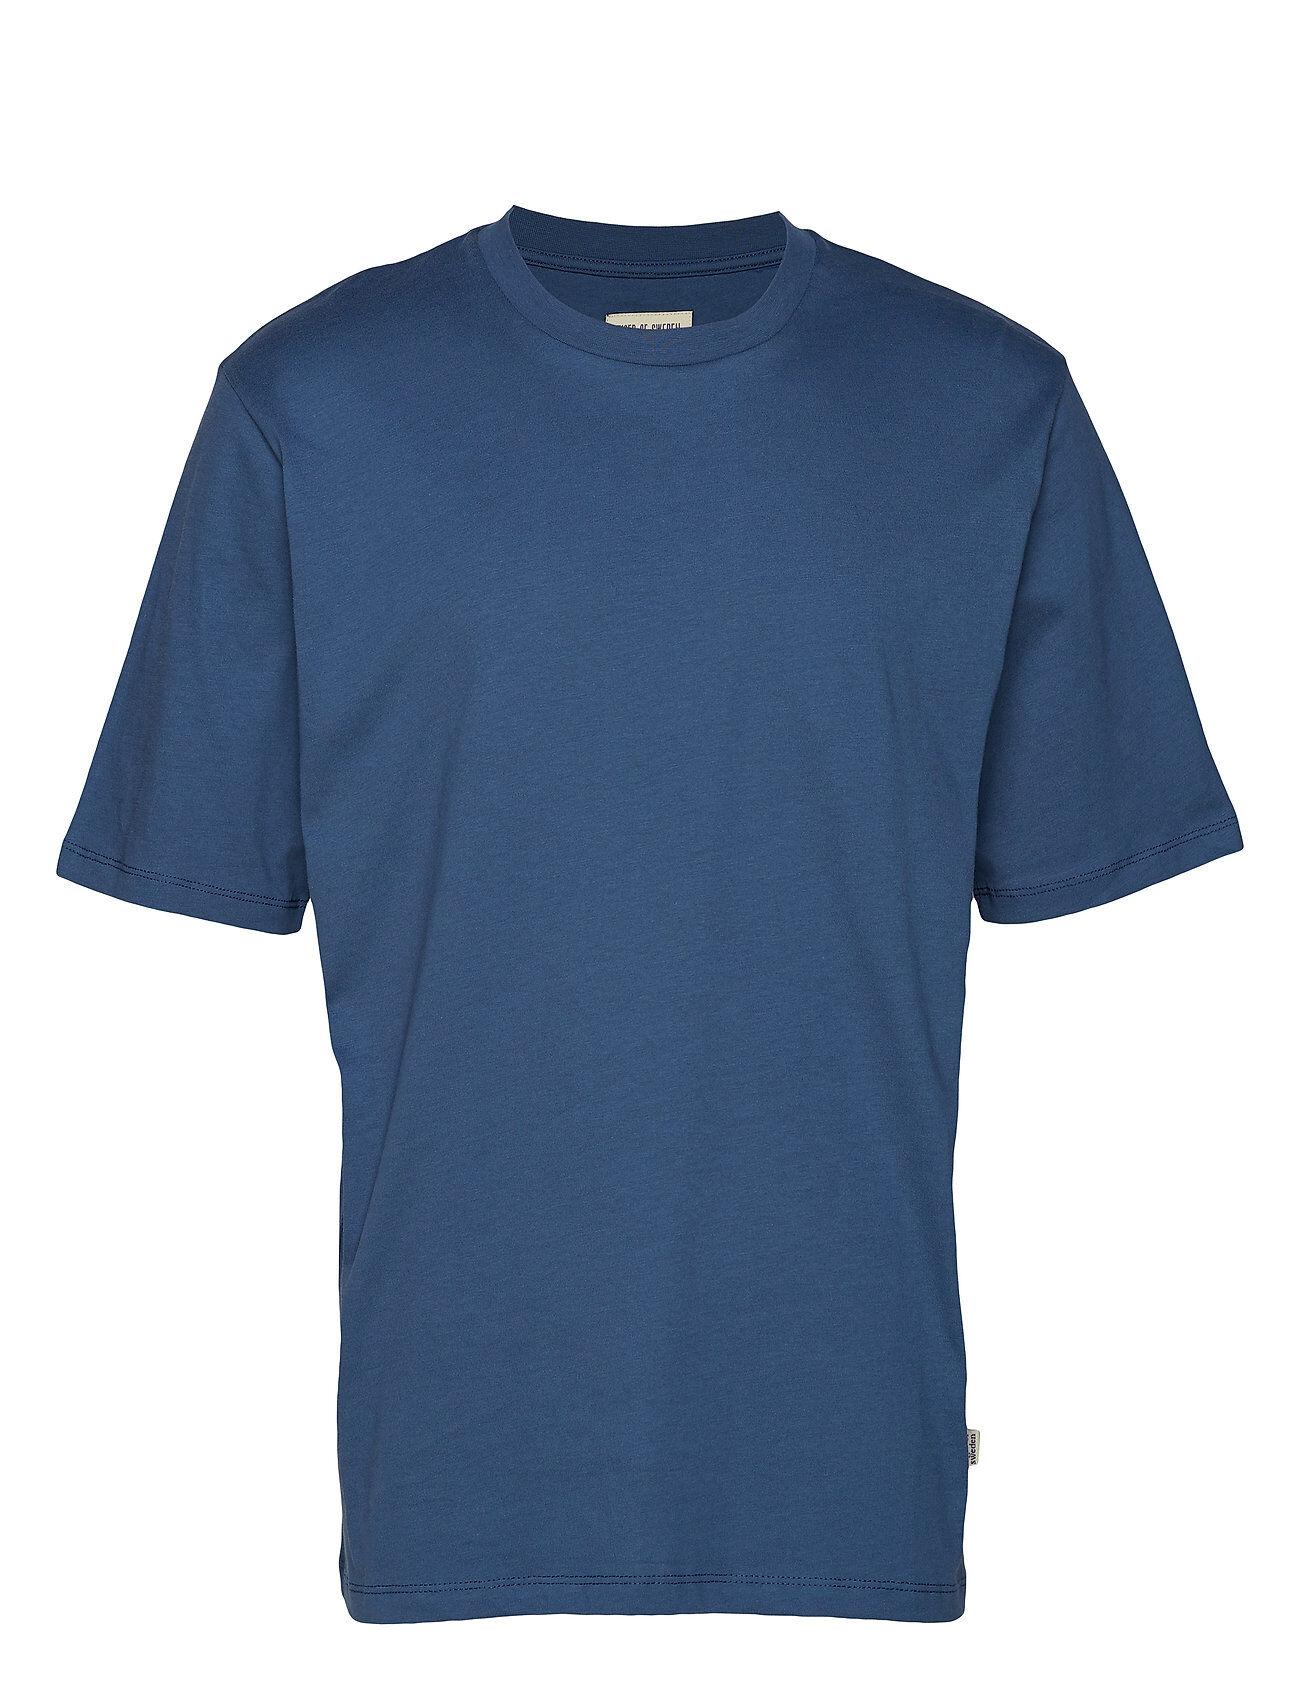 Tiger of Sweden Jeans Pro T-shirts Short-sleeved Sininen Tiger Of Sweden Jeans